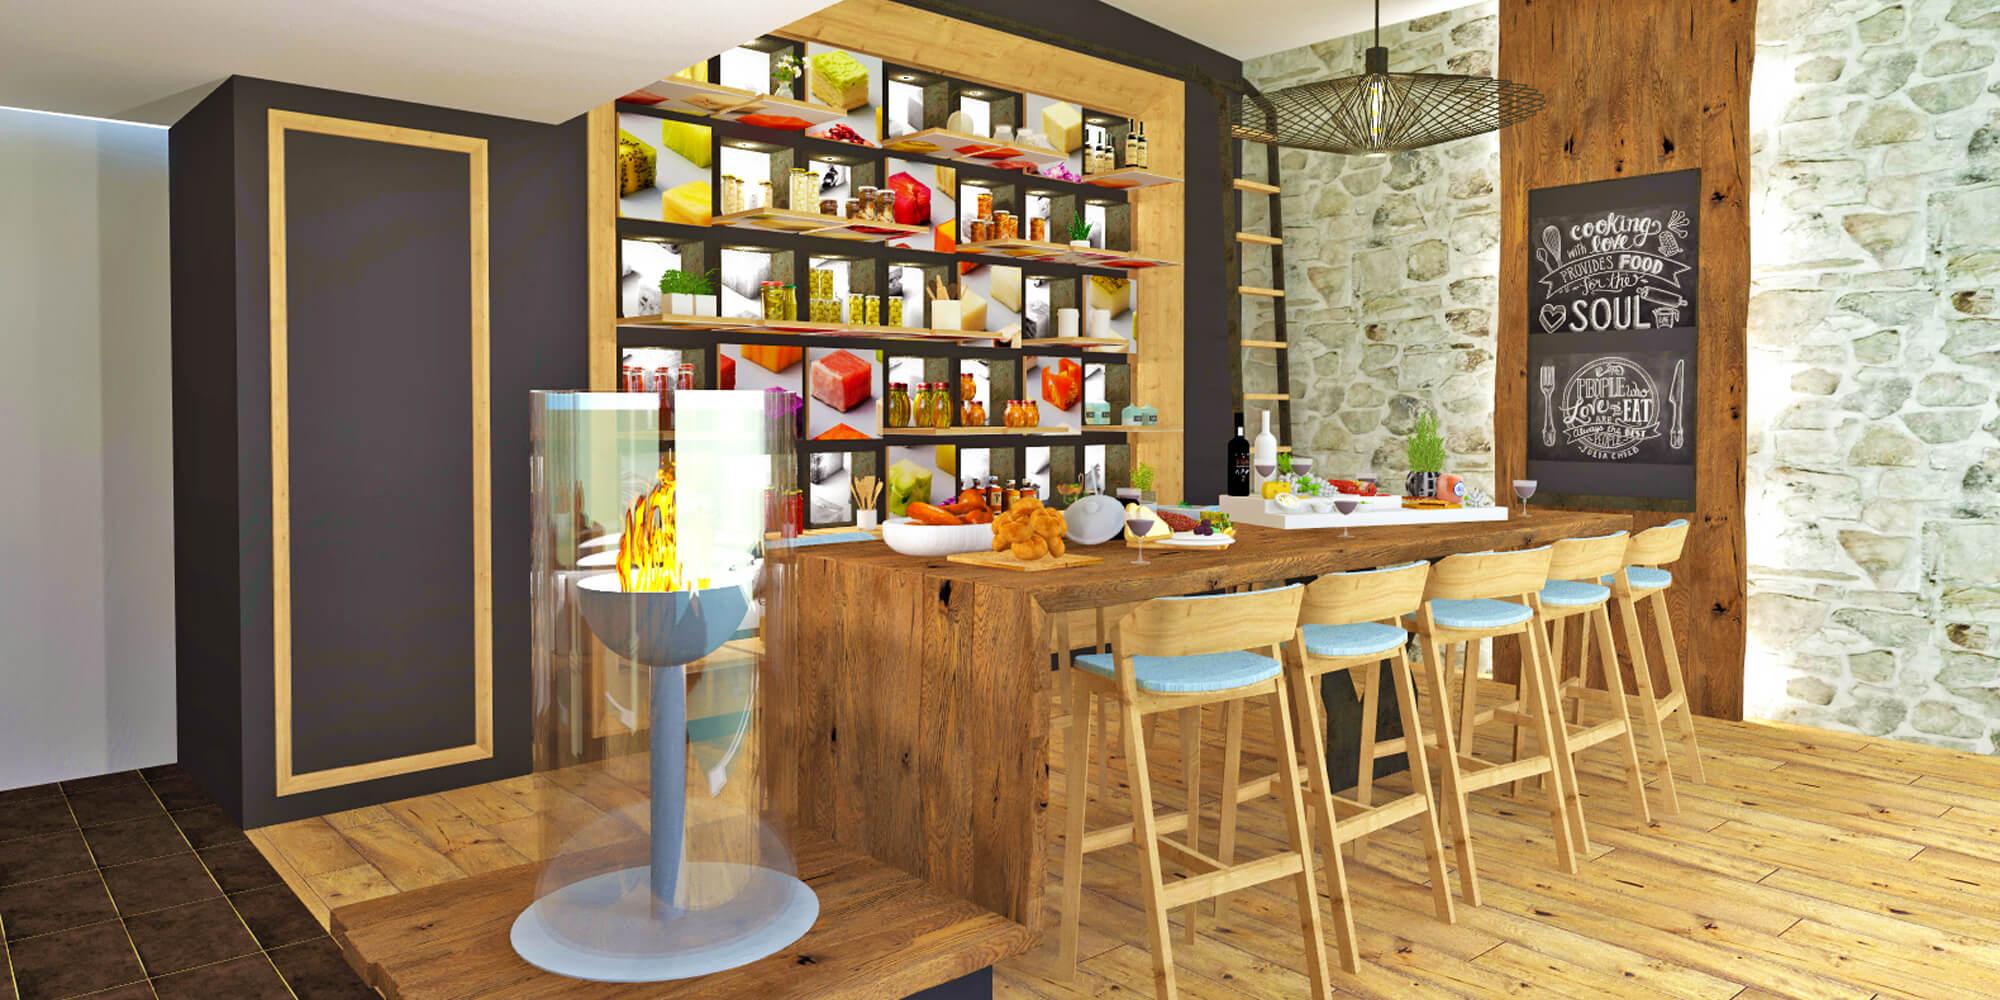 Crea-Plan-Design-Rauch-Frühmann-Architektur-Innenarchitektur-Design-Projekt-Referenz-Hotelerie-Gastronomie-Hotel-Bergergut-Shop-A